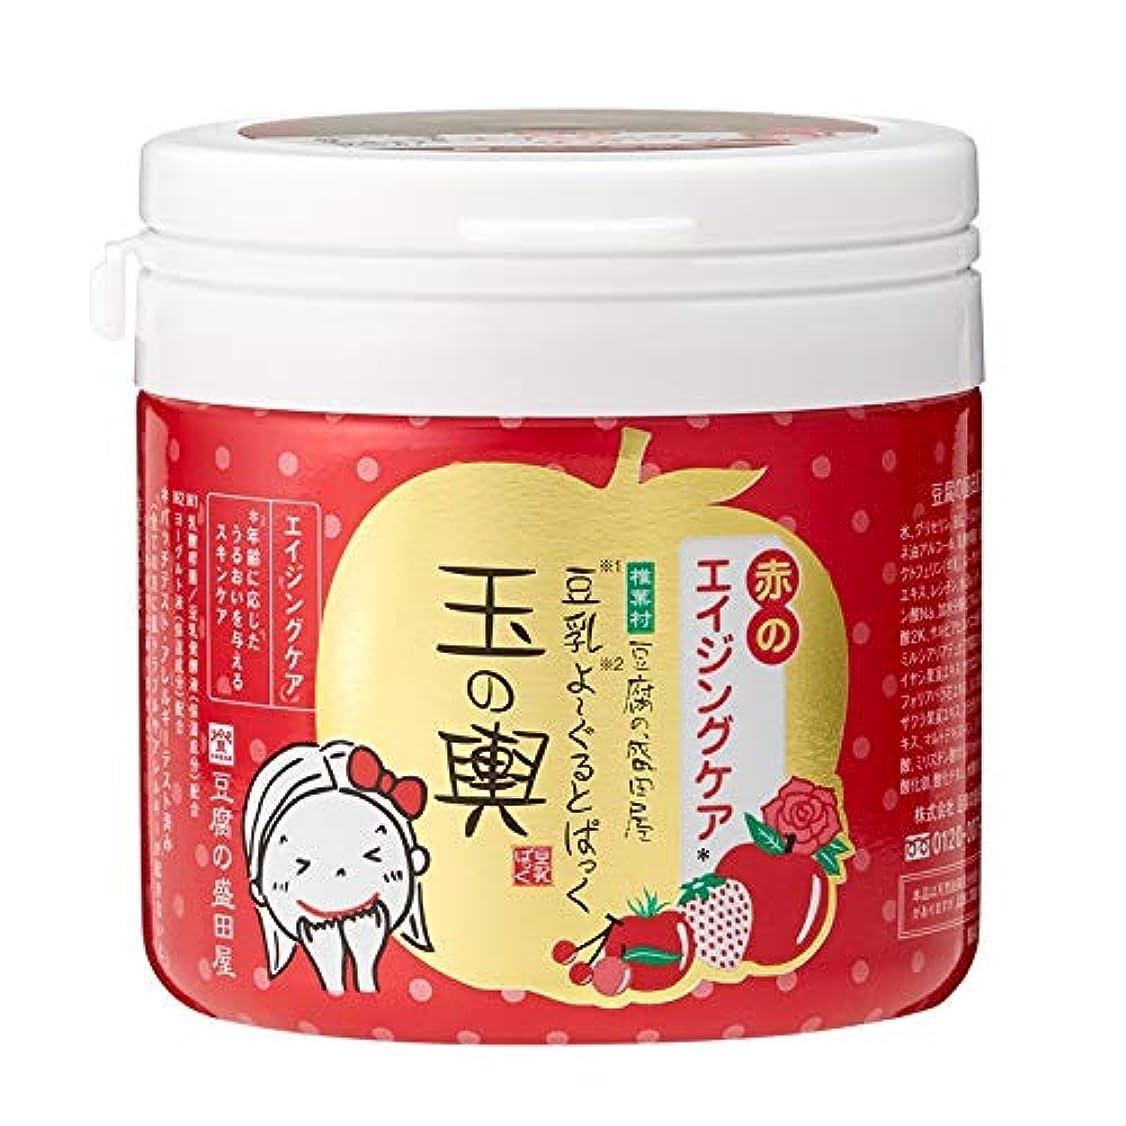 ラインナップ拳ロードハウス豆腐の盛田屋 豆乳よーぐるとぱっく 玉の輿 赤のエイジングケア 150g